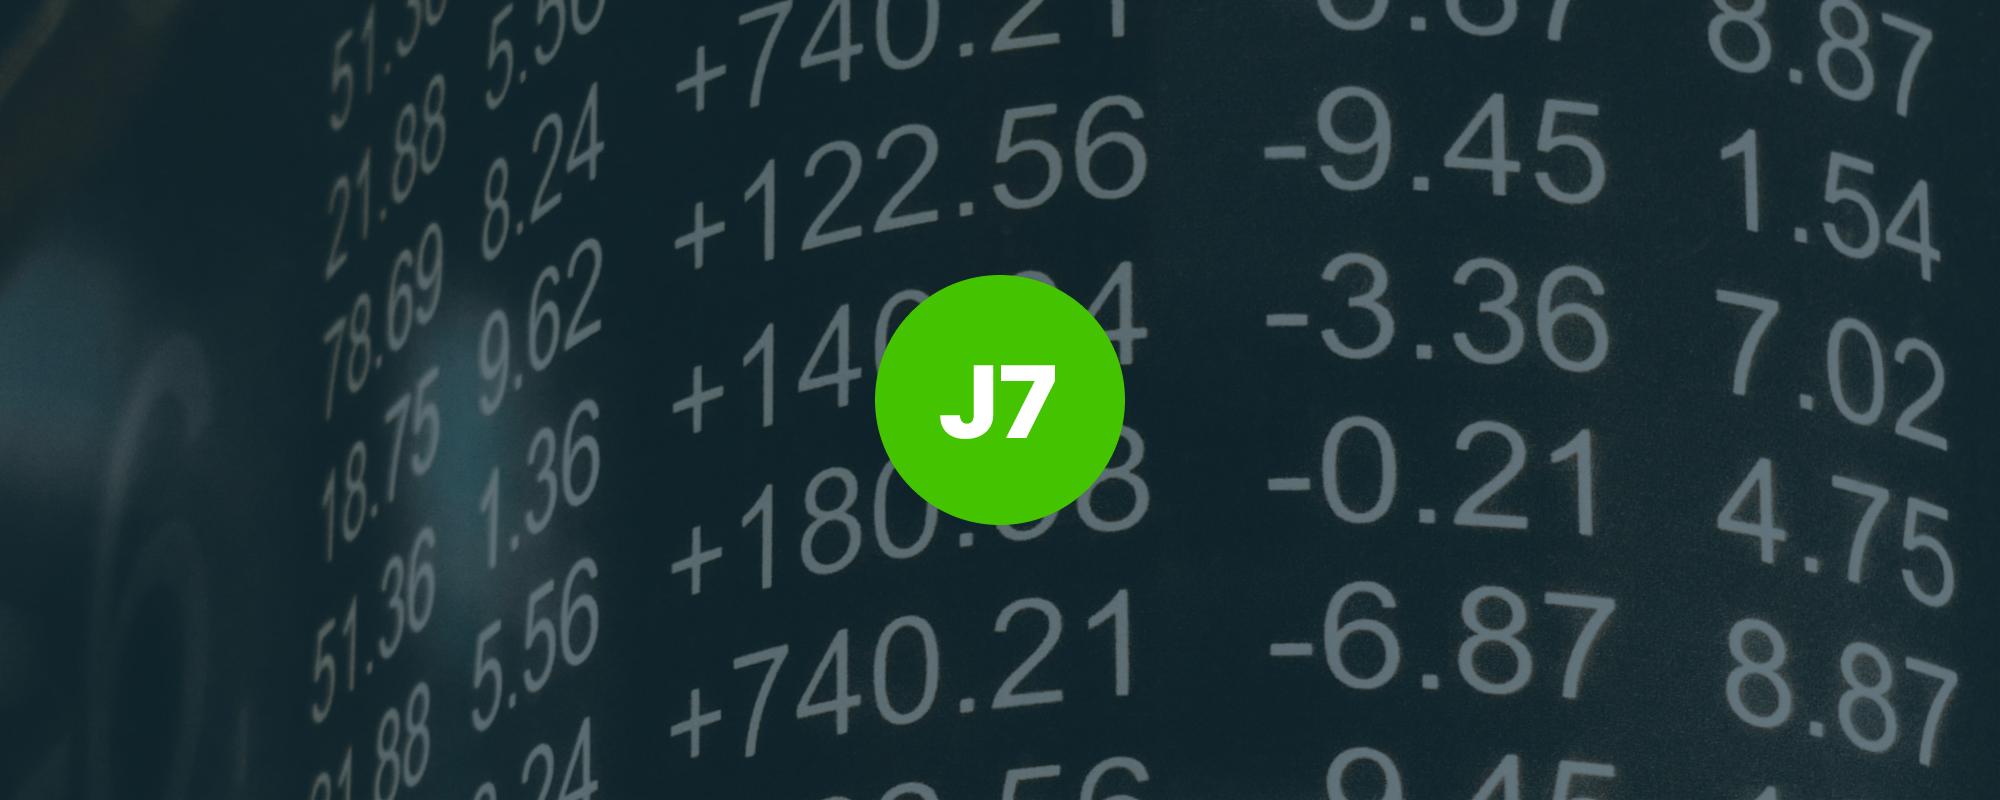 La J7 vue par les DATA